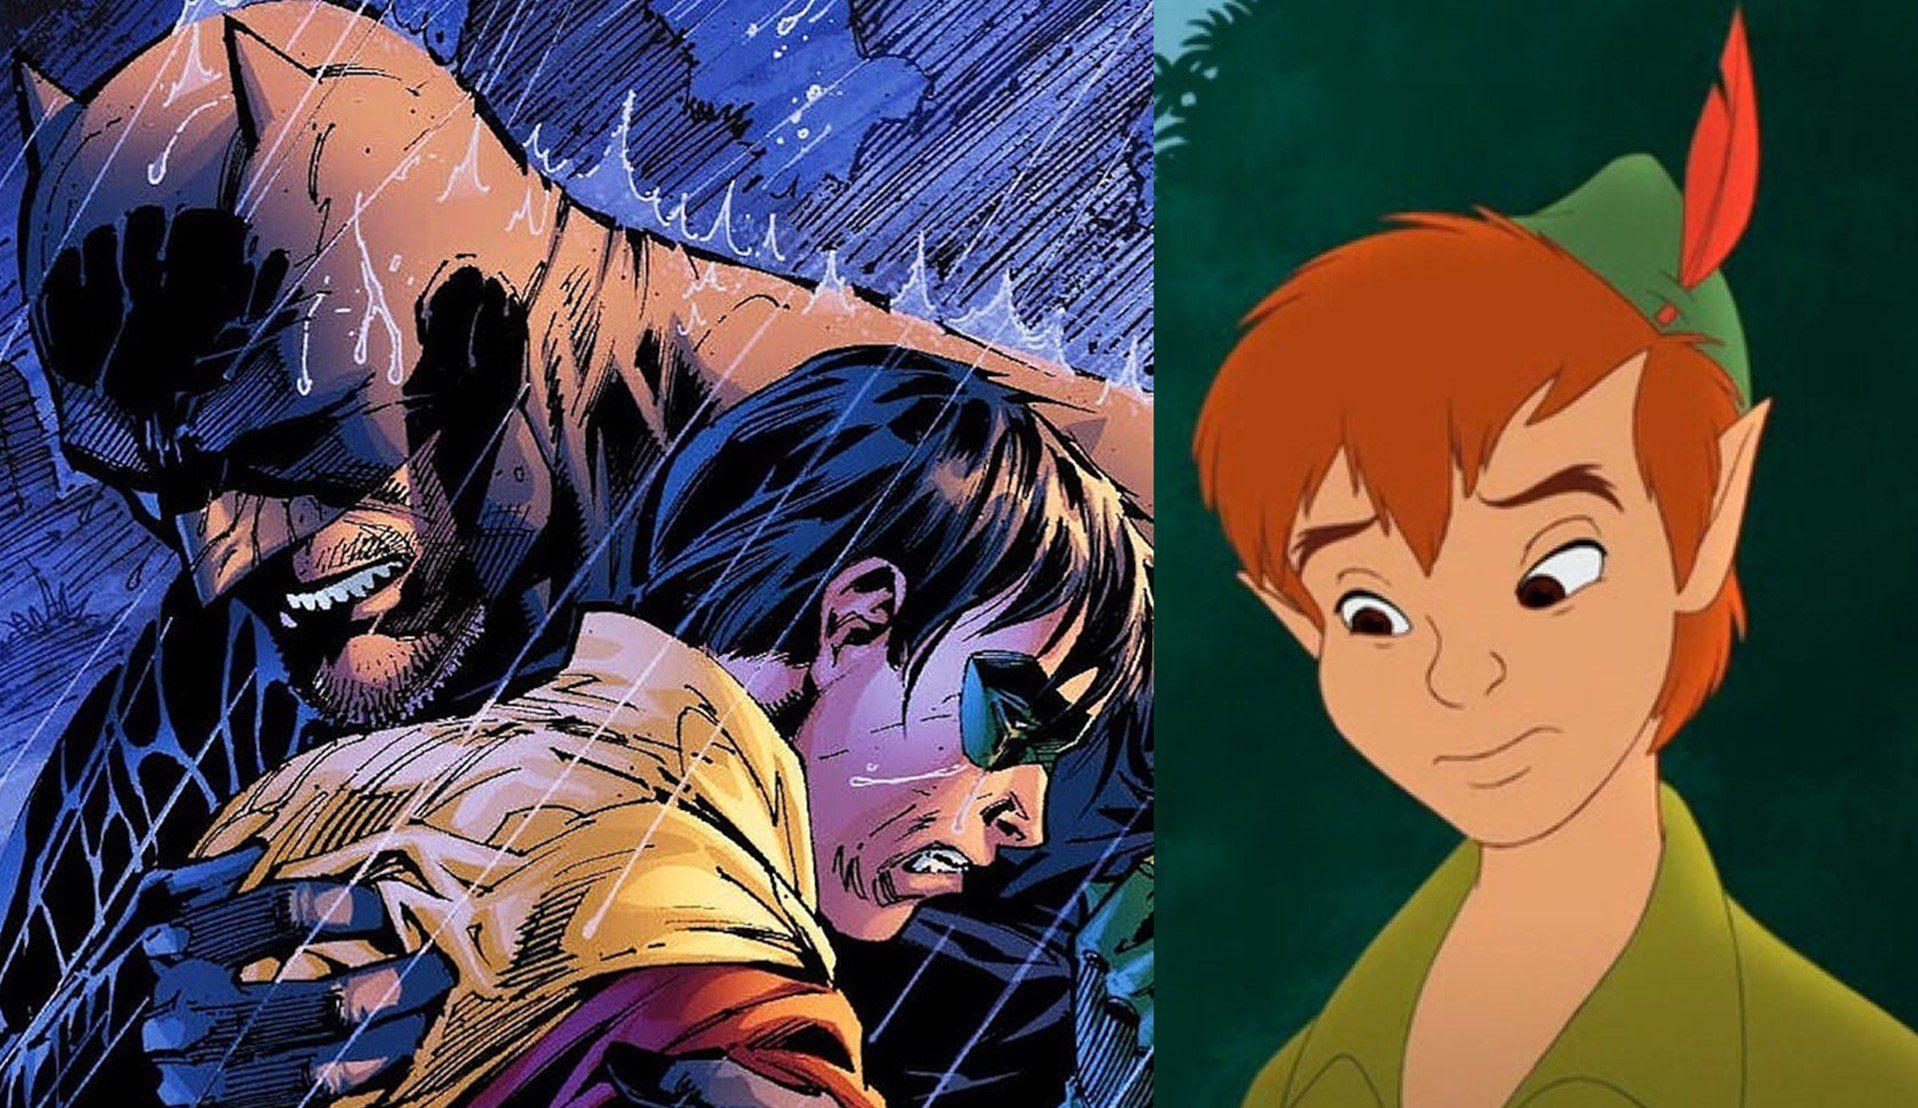 Nos acercamos a Batman y Peter Pan y vemos que son mucho más parecidos de lo que parecen